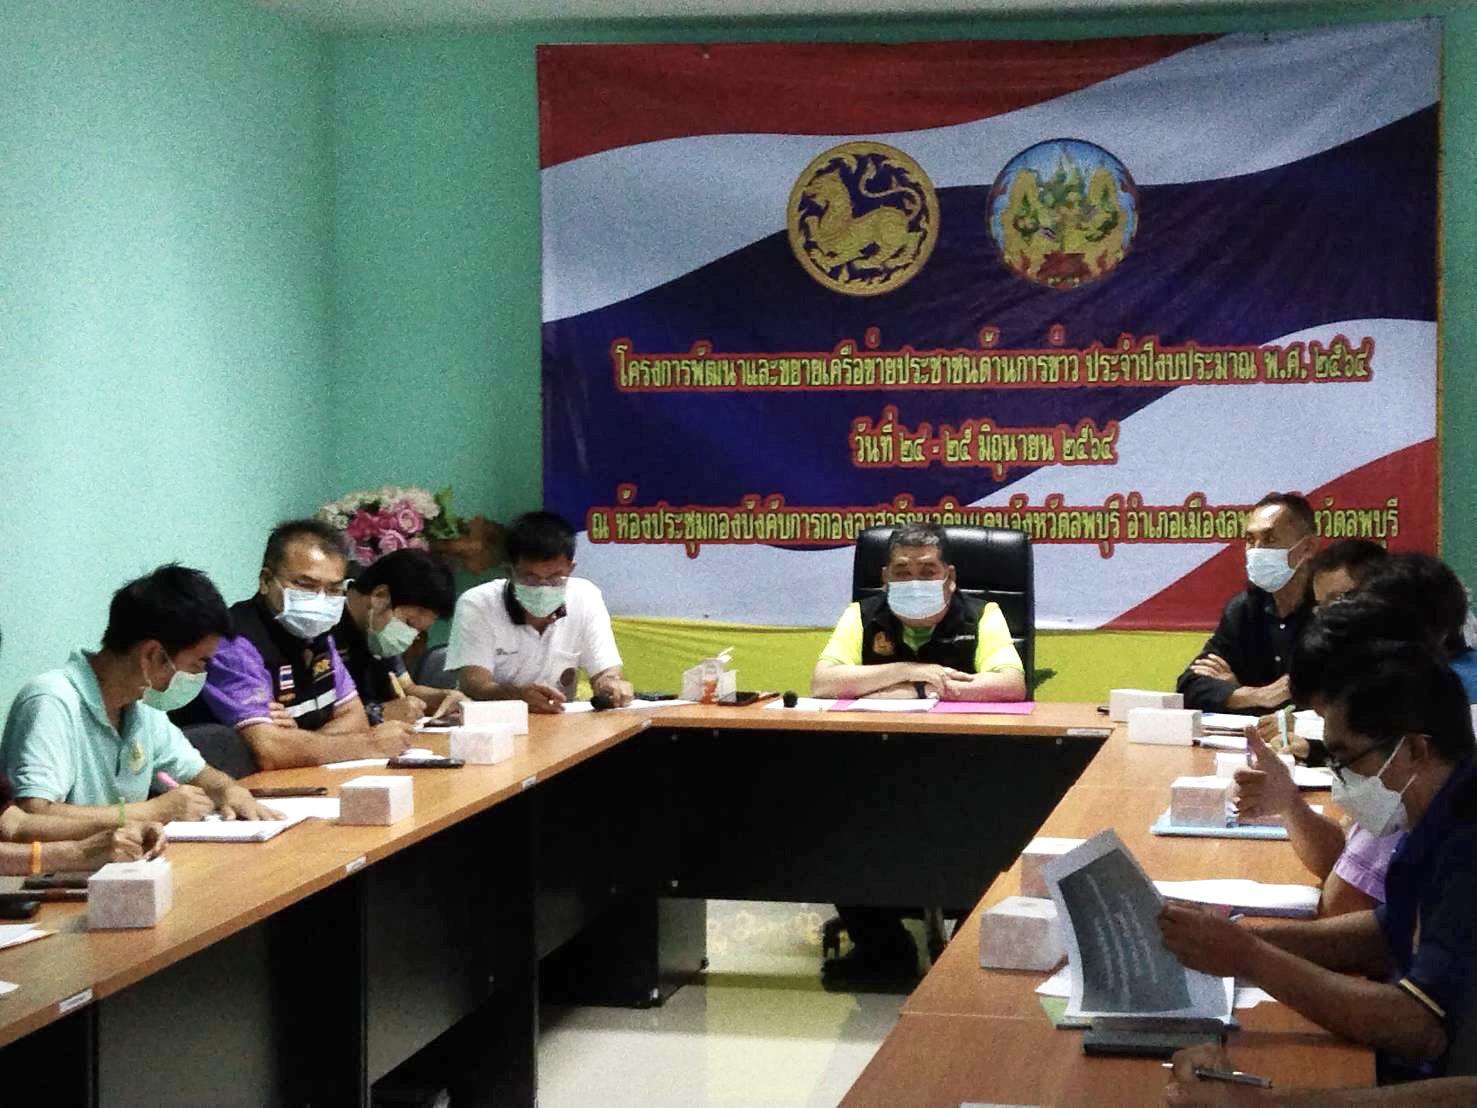 ประชุมคณะทำงานเฝ้าระวังปัญหายาเสพติดในระดับพื้นที่จังหวัดลพบุรี ครั้งที่ 7/2564 ประจำเดือน ตุลาคม 2564